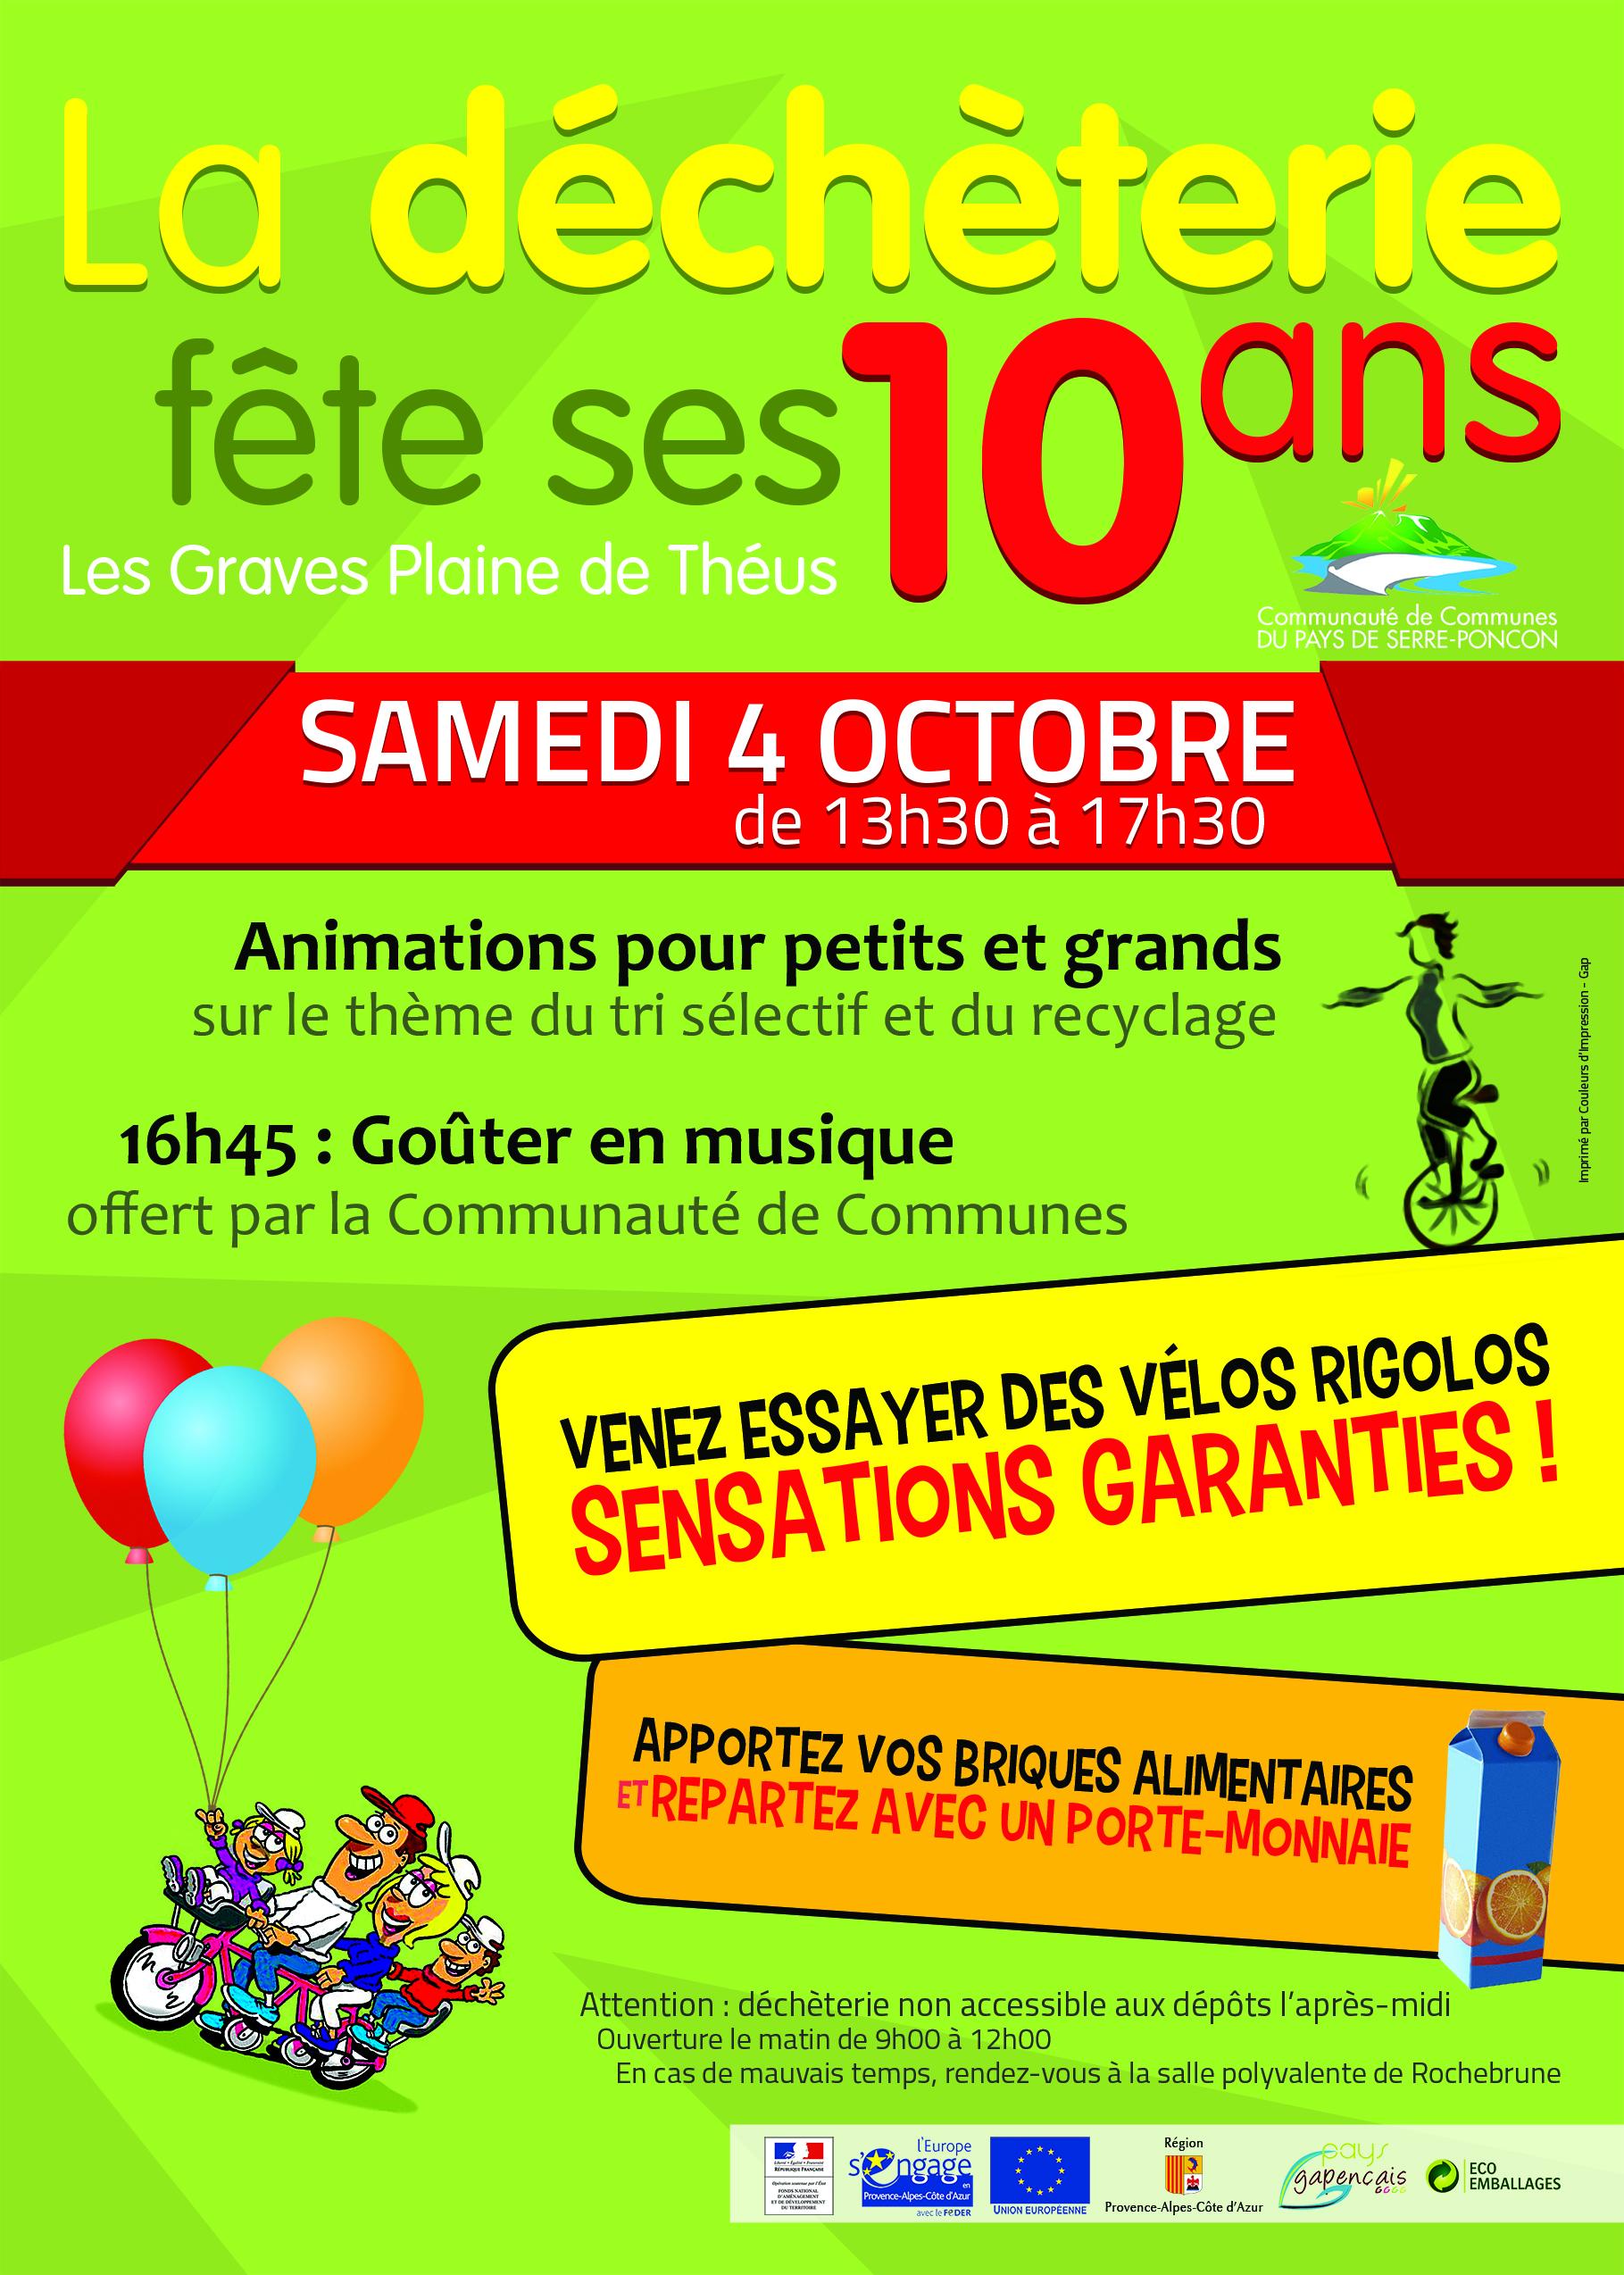 flyer fête de la déchetterie Pays de Serre-Ponçon - recto